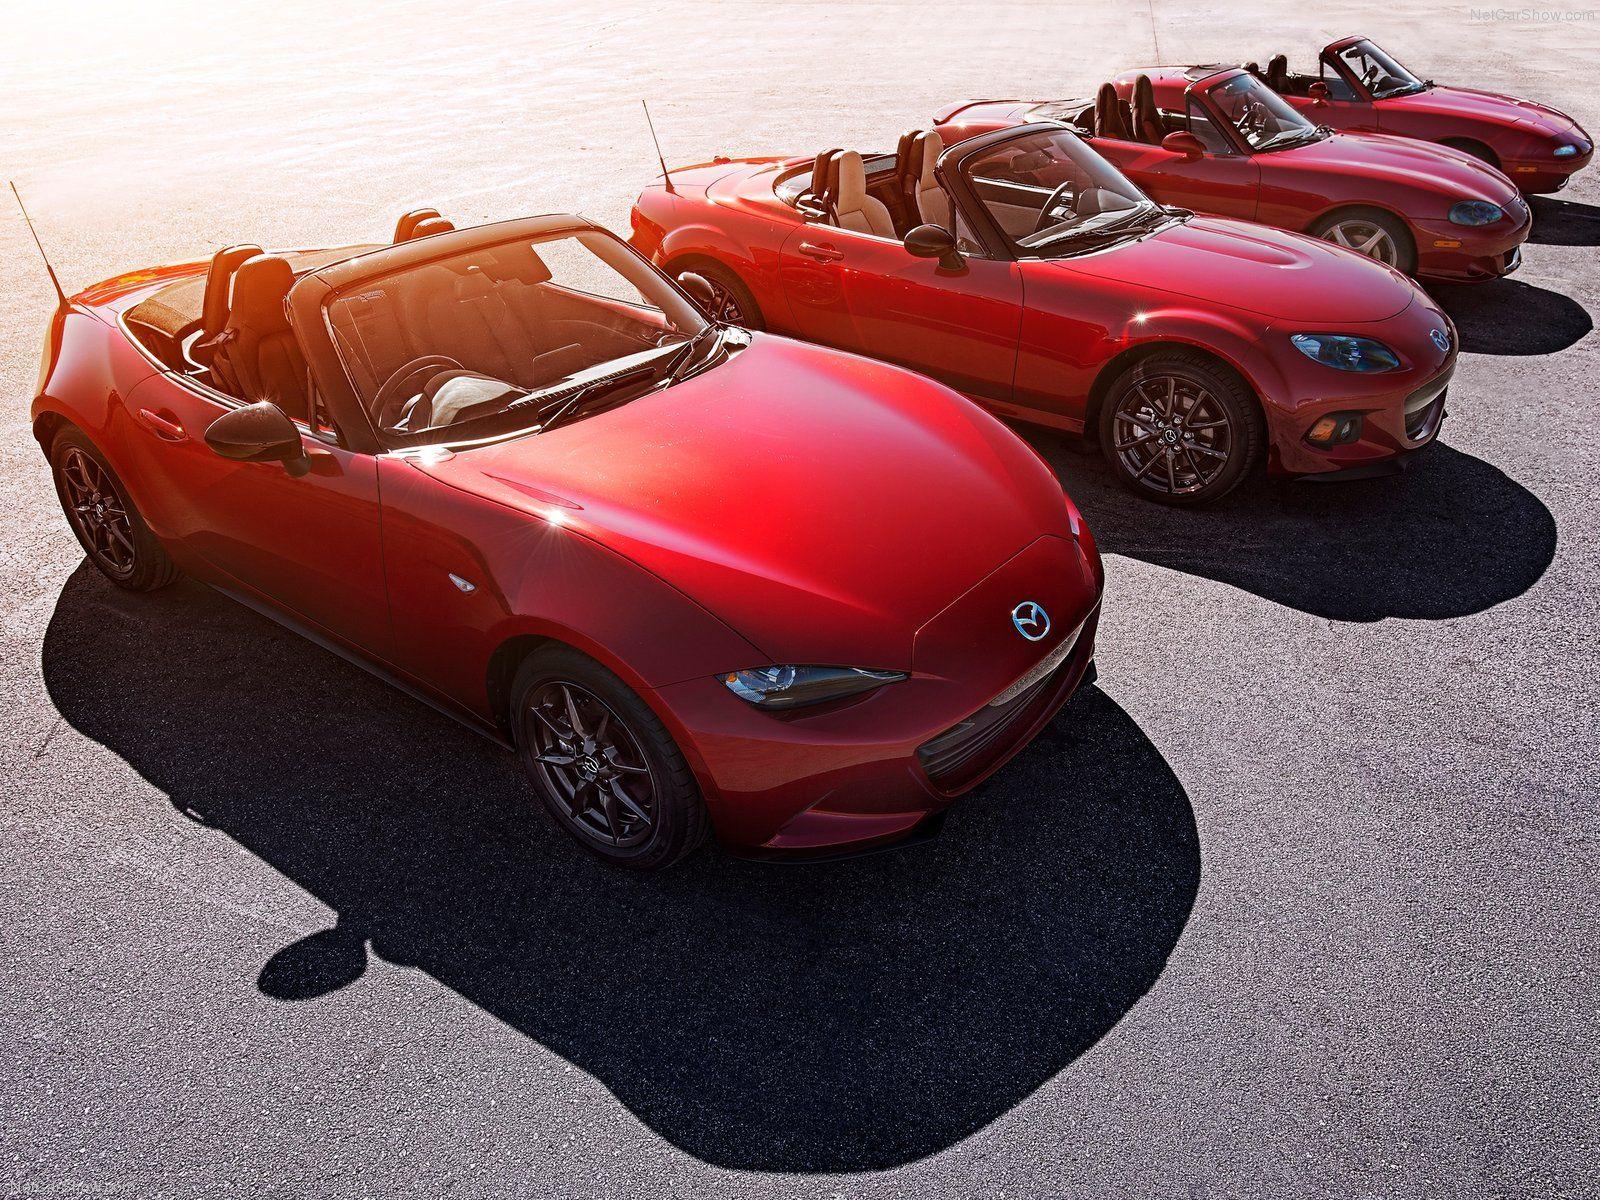 Mazda mx 5 miata voitures chaudes l esprit les o jays photos arbres de la famille voitures voiture moderne